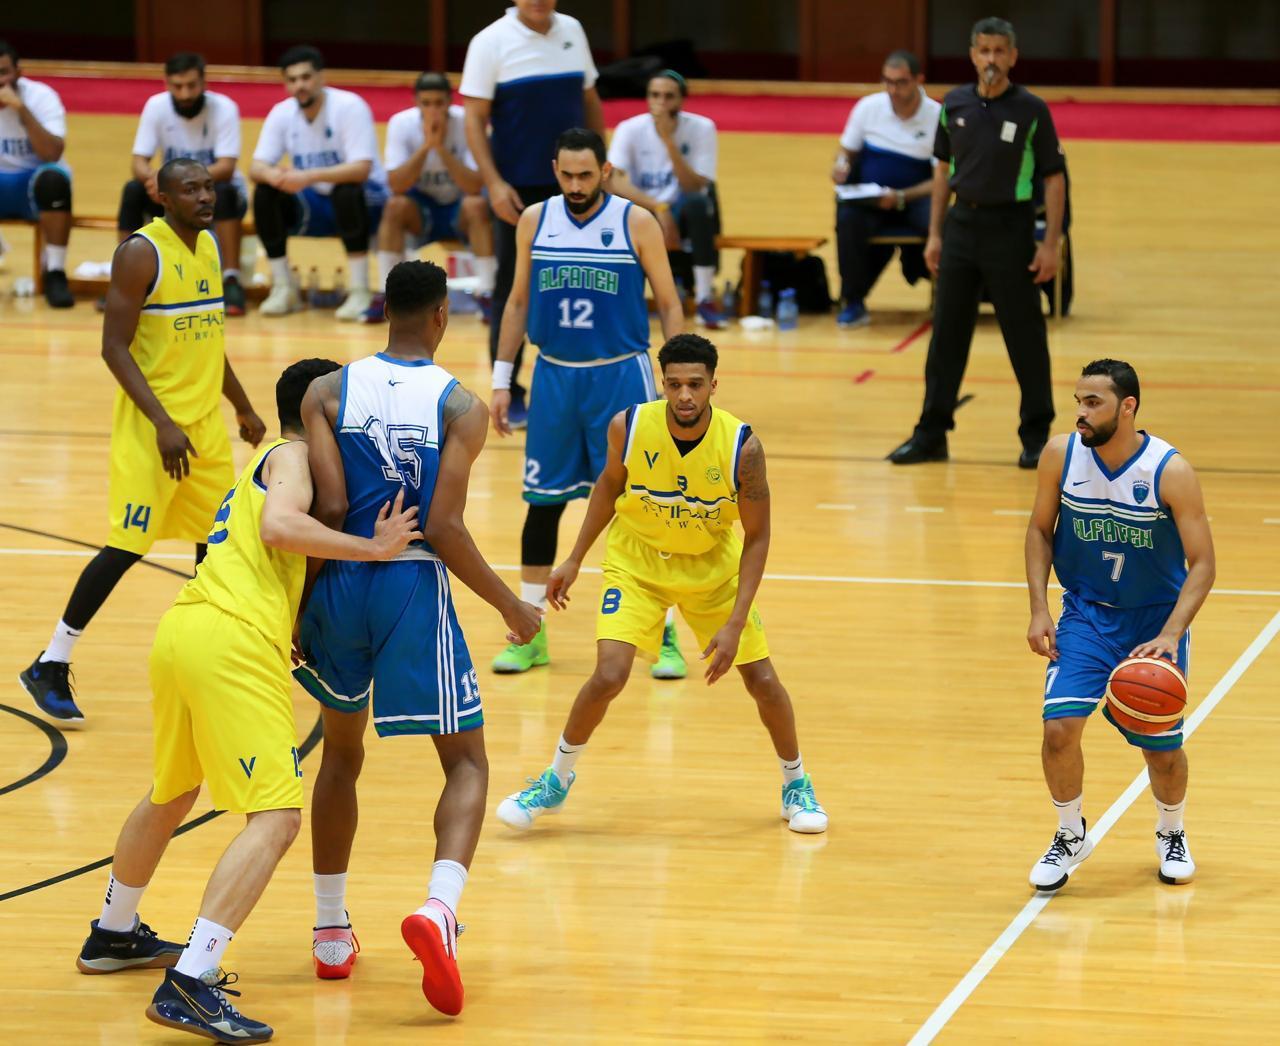 خمس مباريات غداً في الجولة الأخيرة للدوري الممتاز لكرة السلة